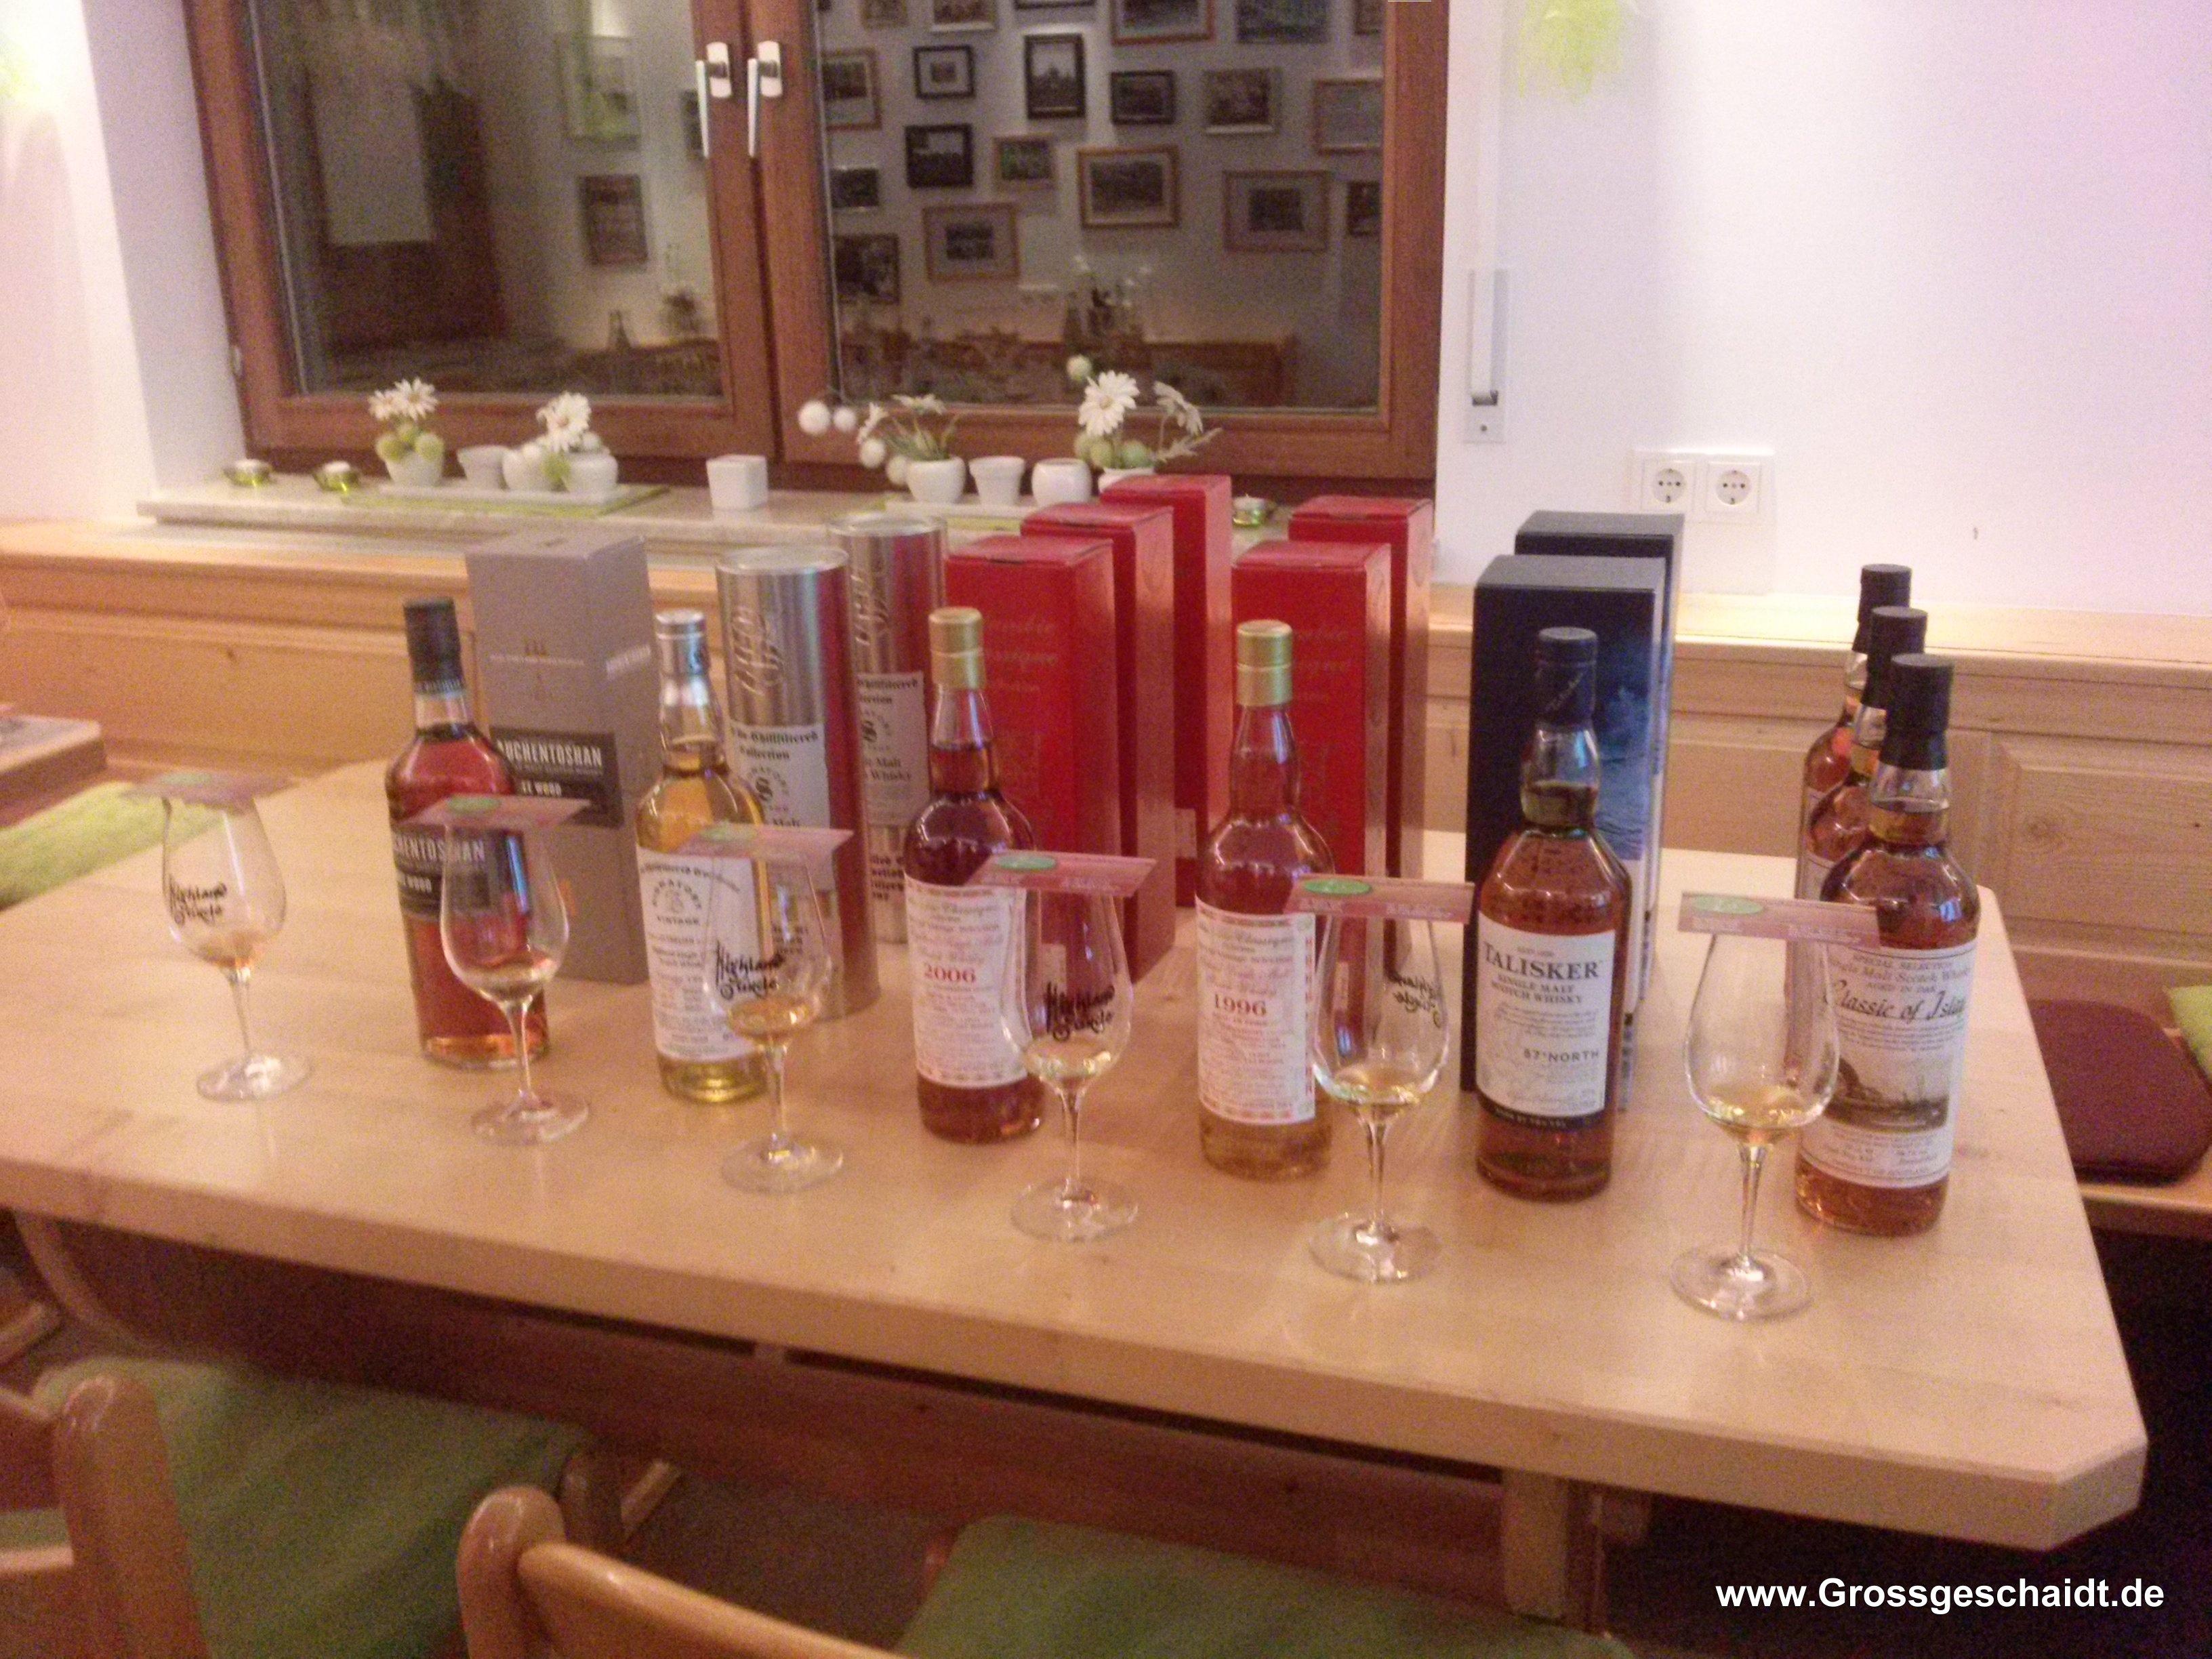 Das Abendprogramm: Auchentoshan, Clynelish, Deanston, Tobermory, Talisker und Classic of Islay